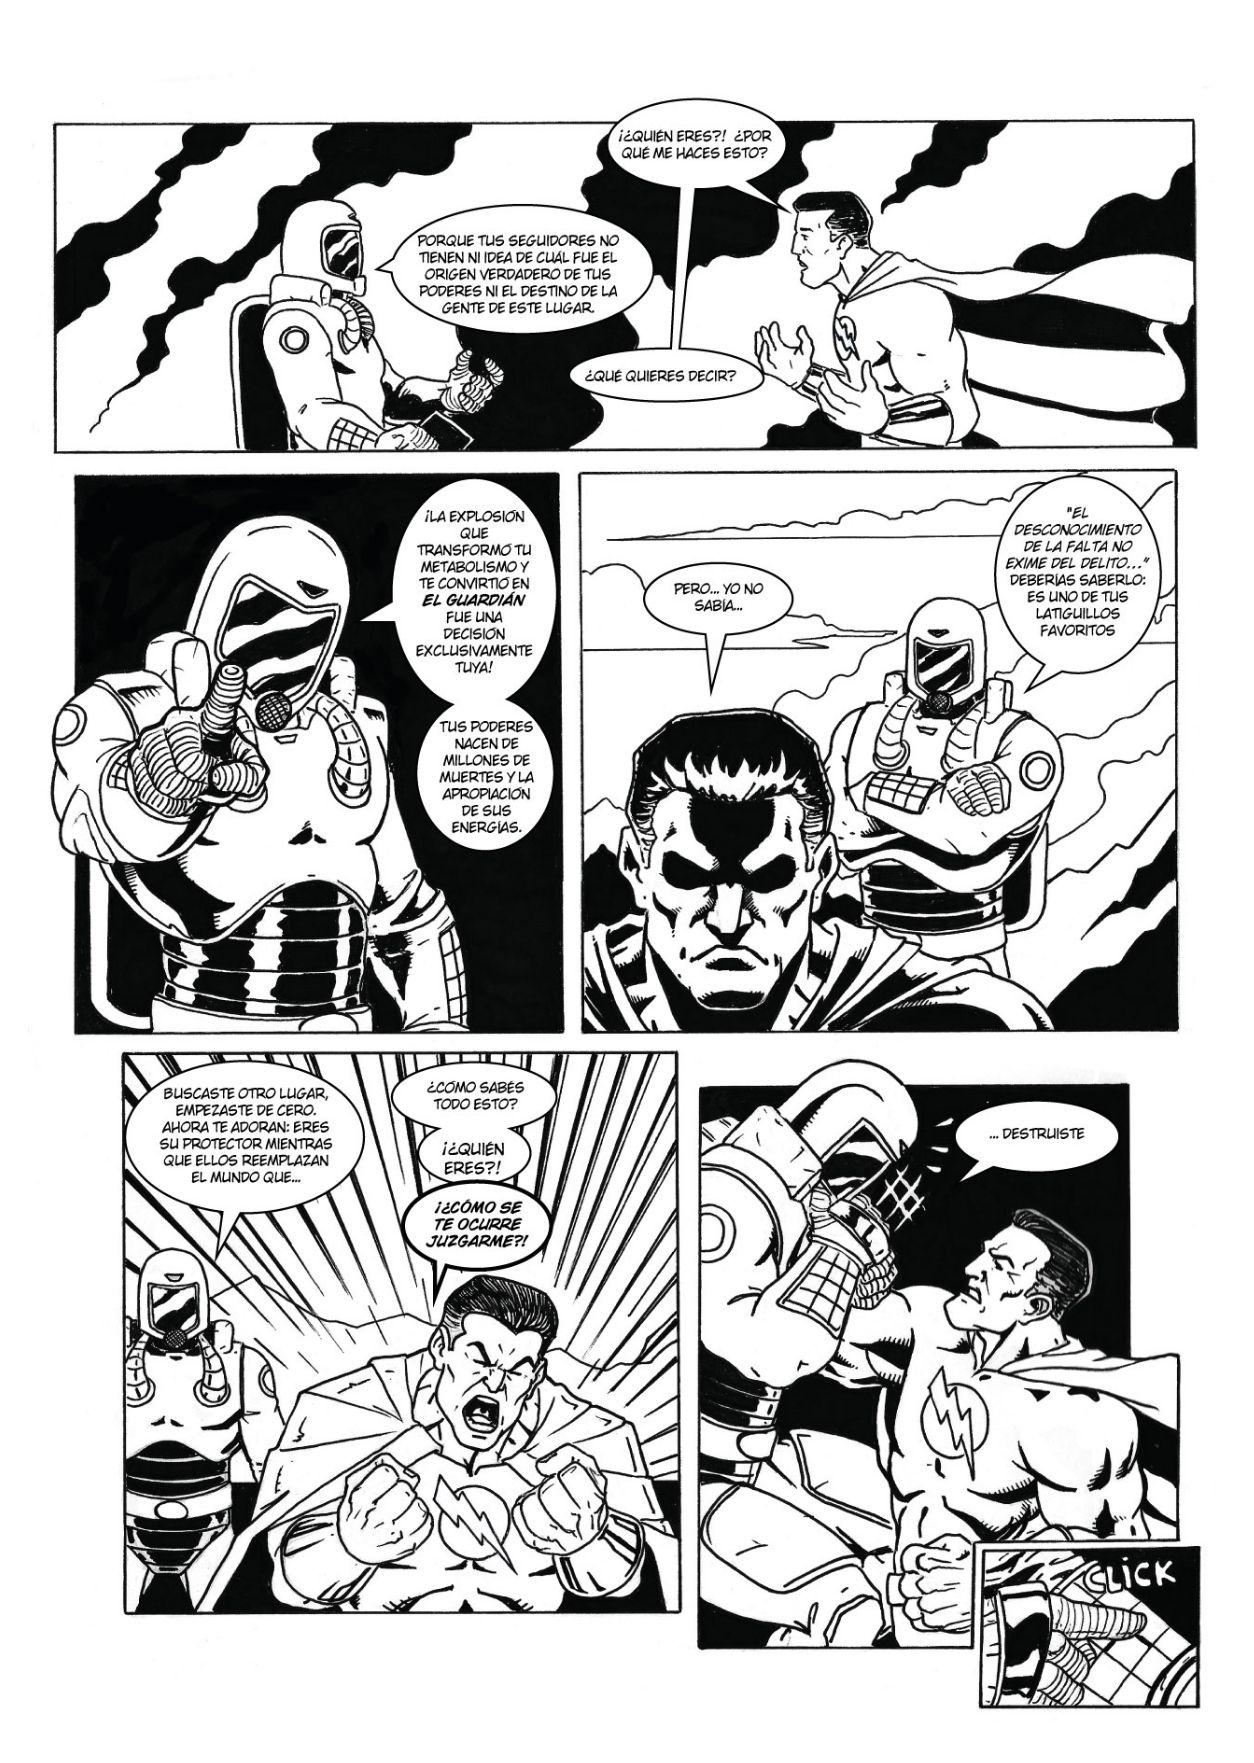 Monstruo-y-otras-historias-11a